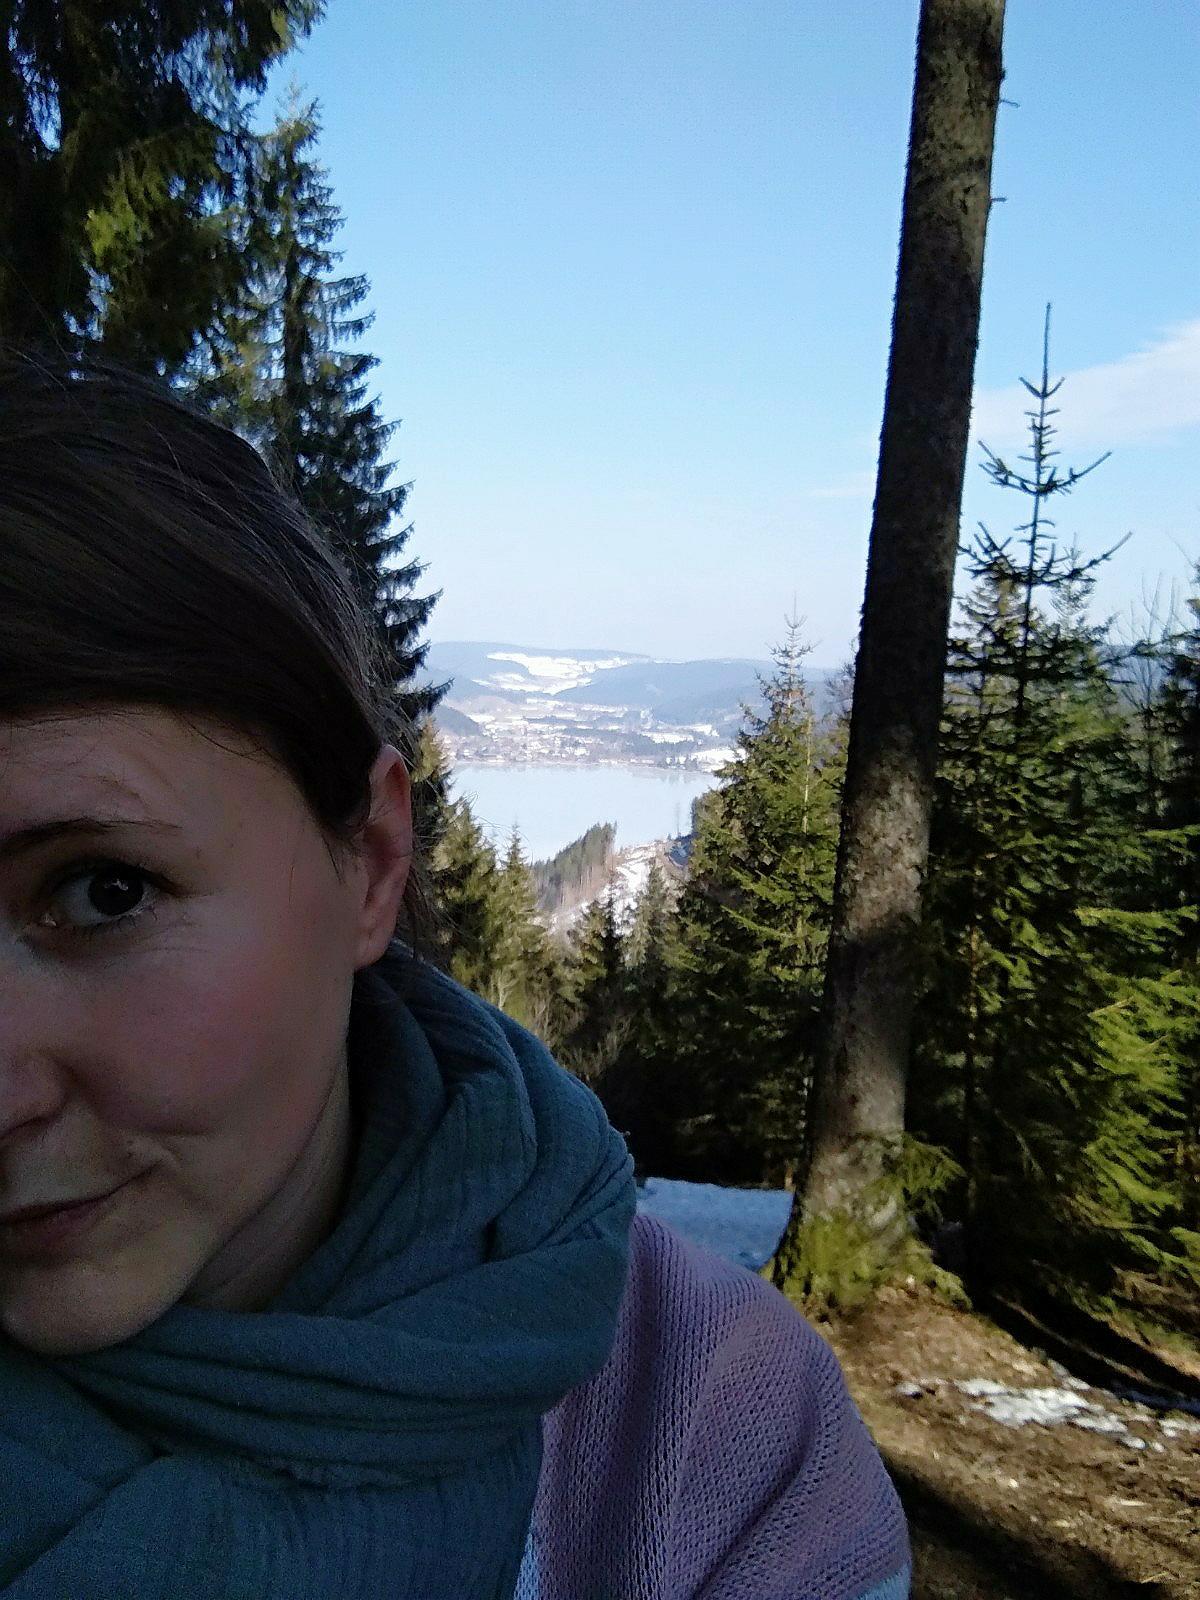 Die Stille aushalten: Ruhiger Spaziergang im Wald mit Blick auf den Titisee